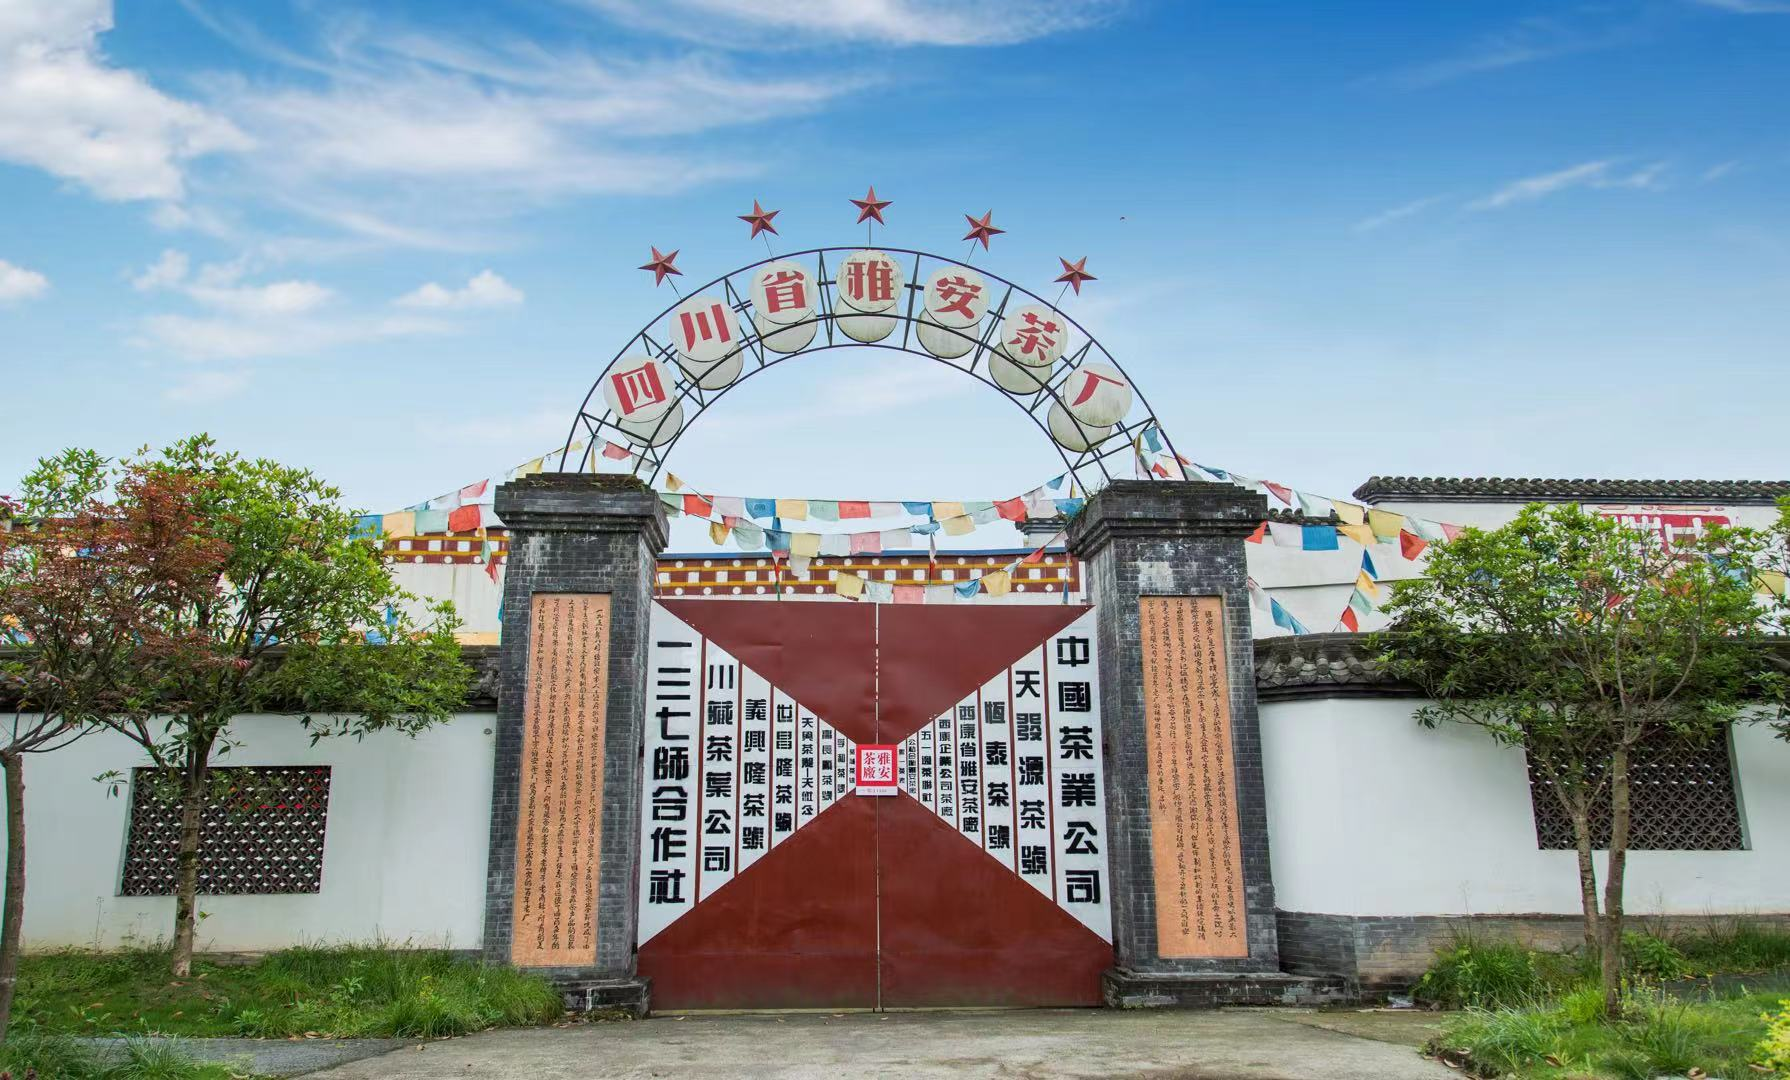 热烈祝贺雅安茶厂成为首批四川省非物质文化遗产保护传承基地